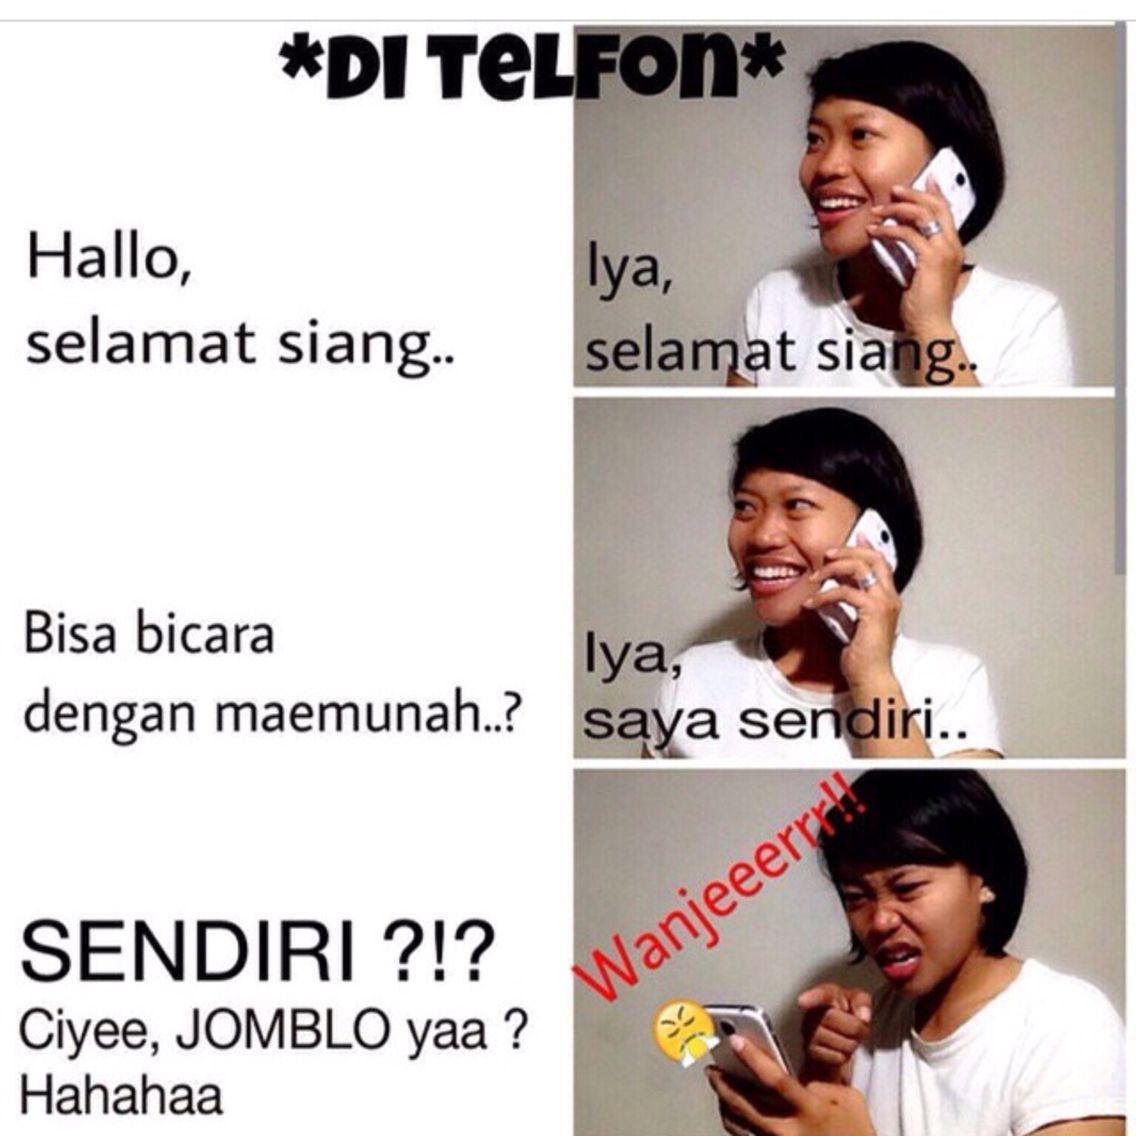 Percakapan Telepon